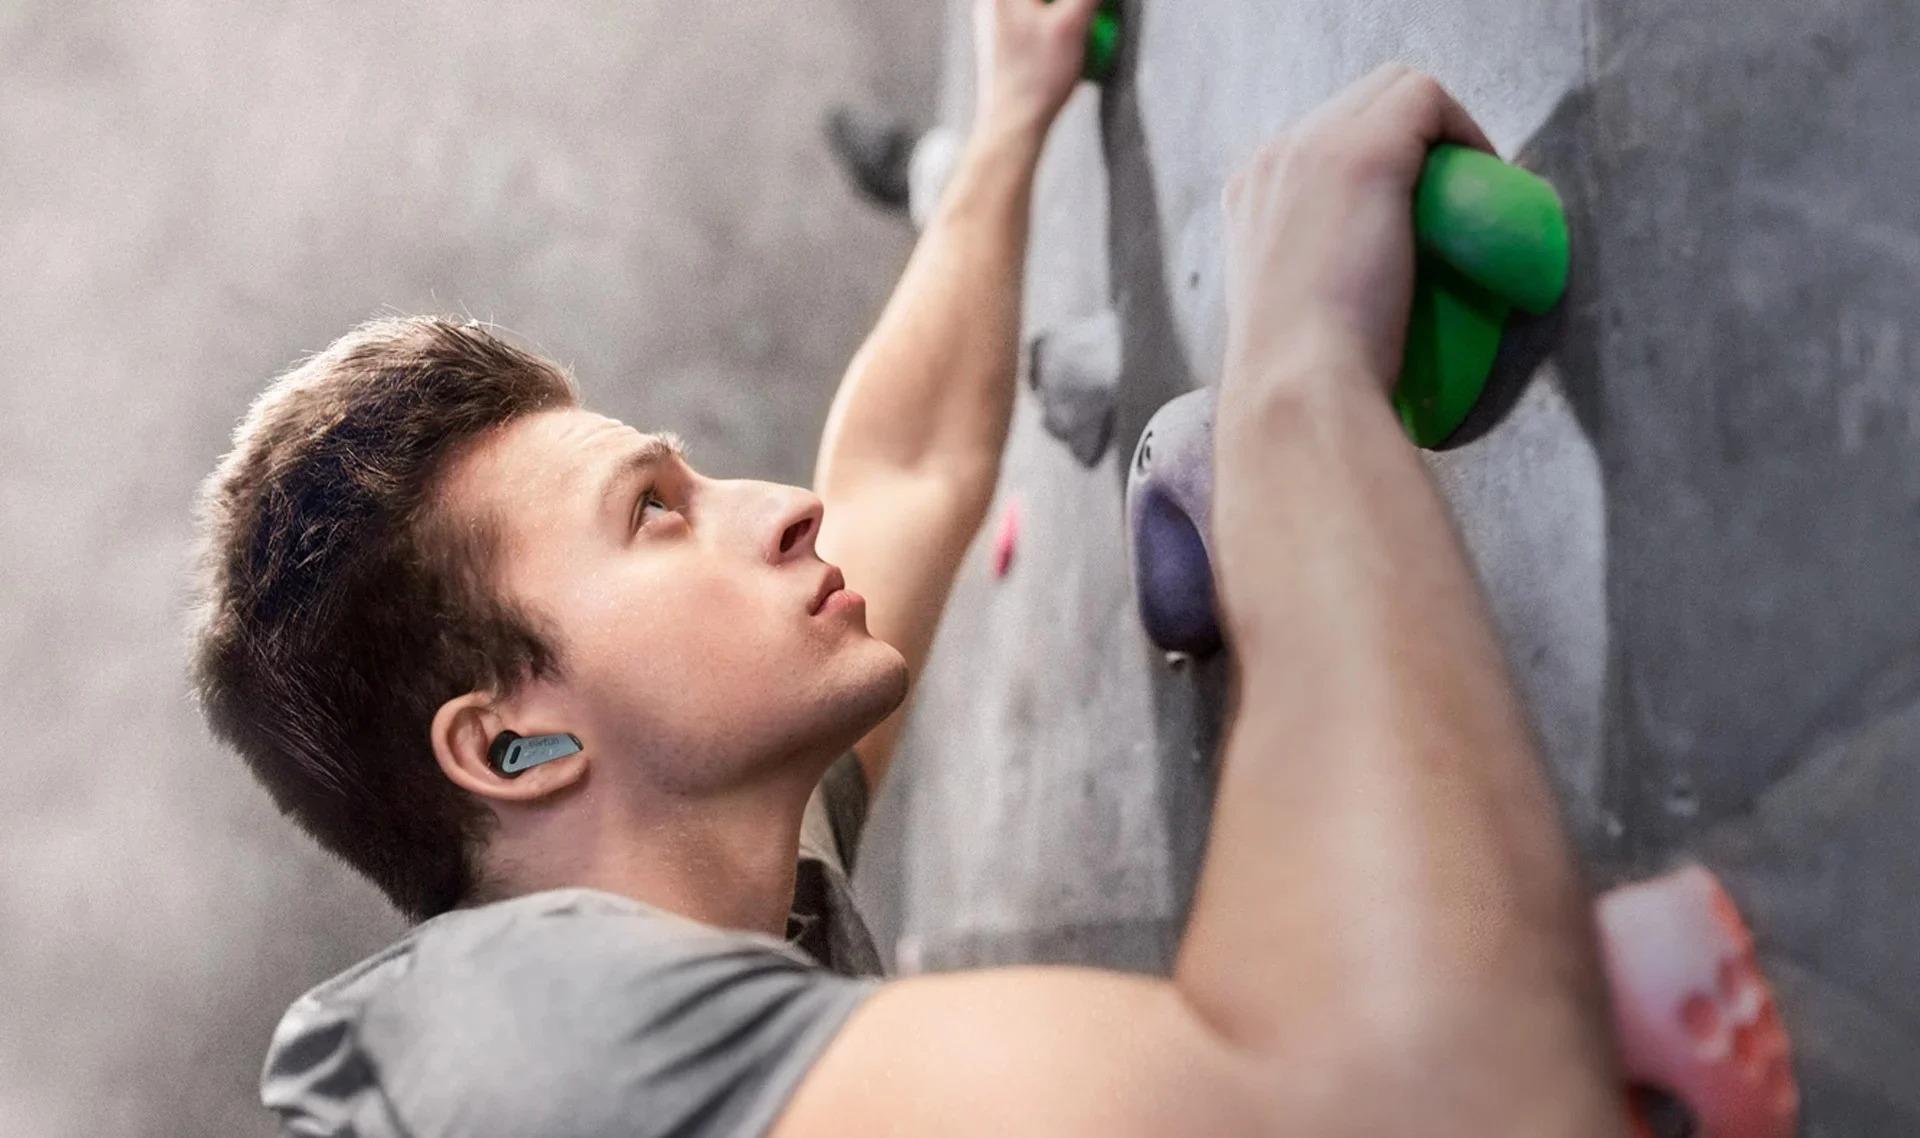 Tai nghe True Wireless EarFun Air Pro - Chống ồn chủ động ANC, Xuyên âm, Bluetooth 5.0, sạc Type-C, Pin 32 giờ, Chống nước IPX5 - Hàng chính hãng